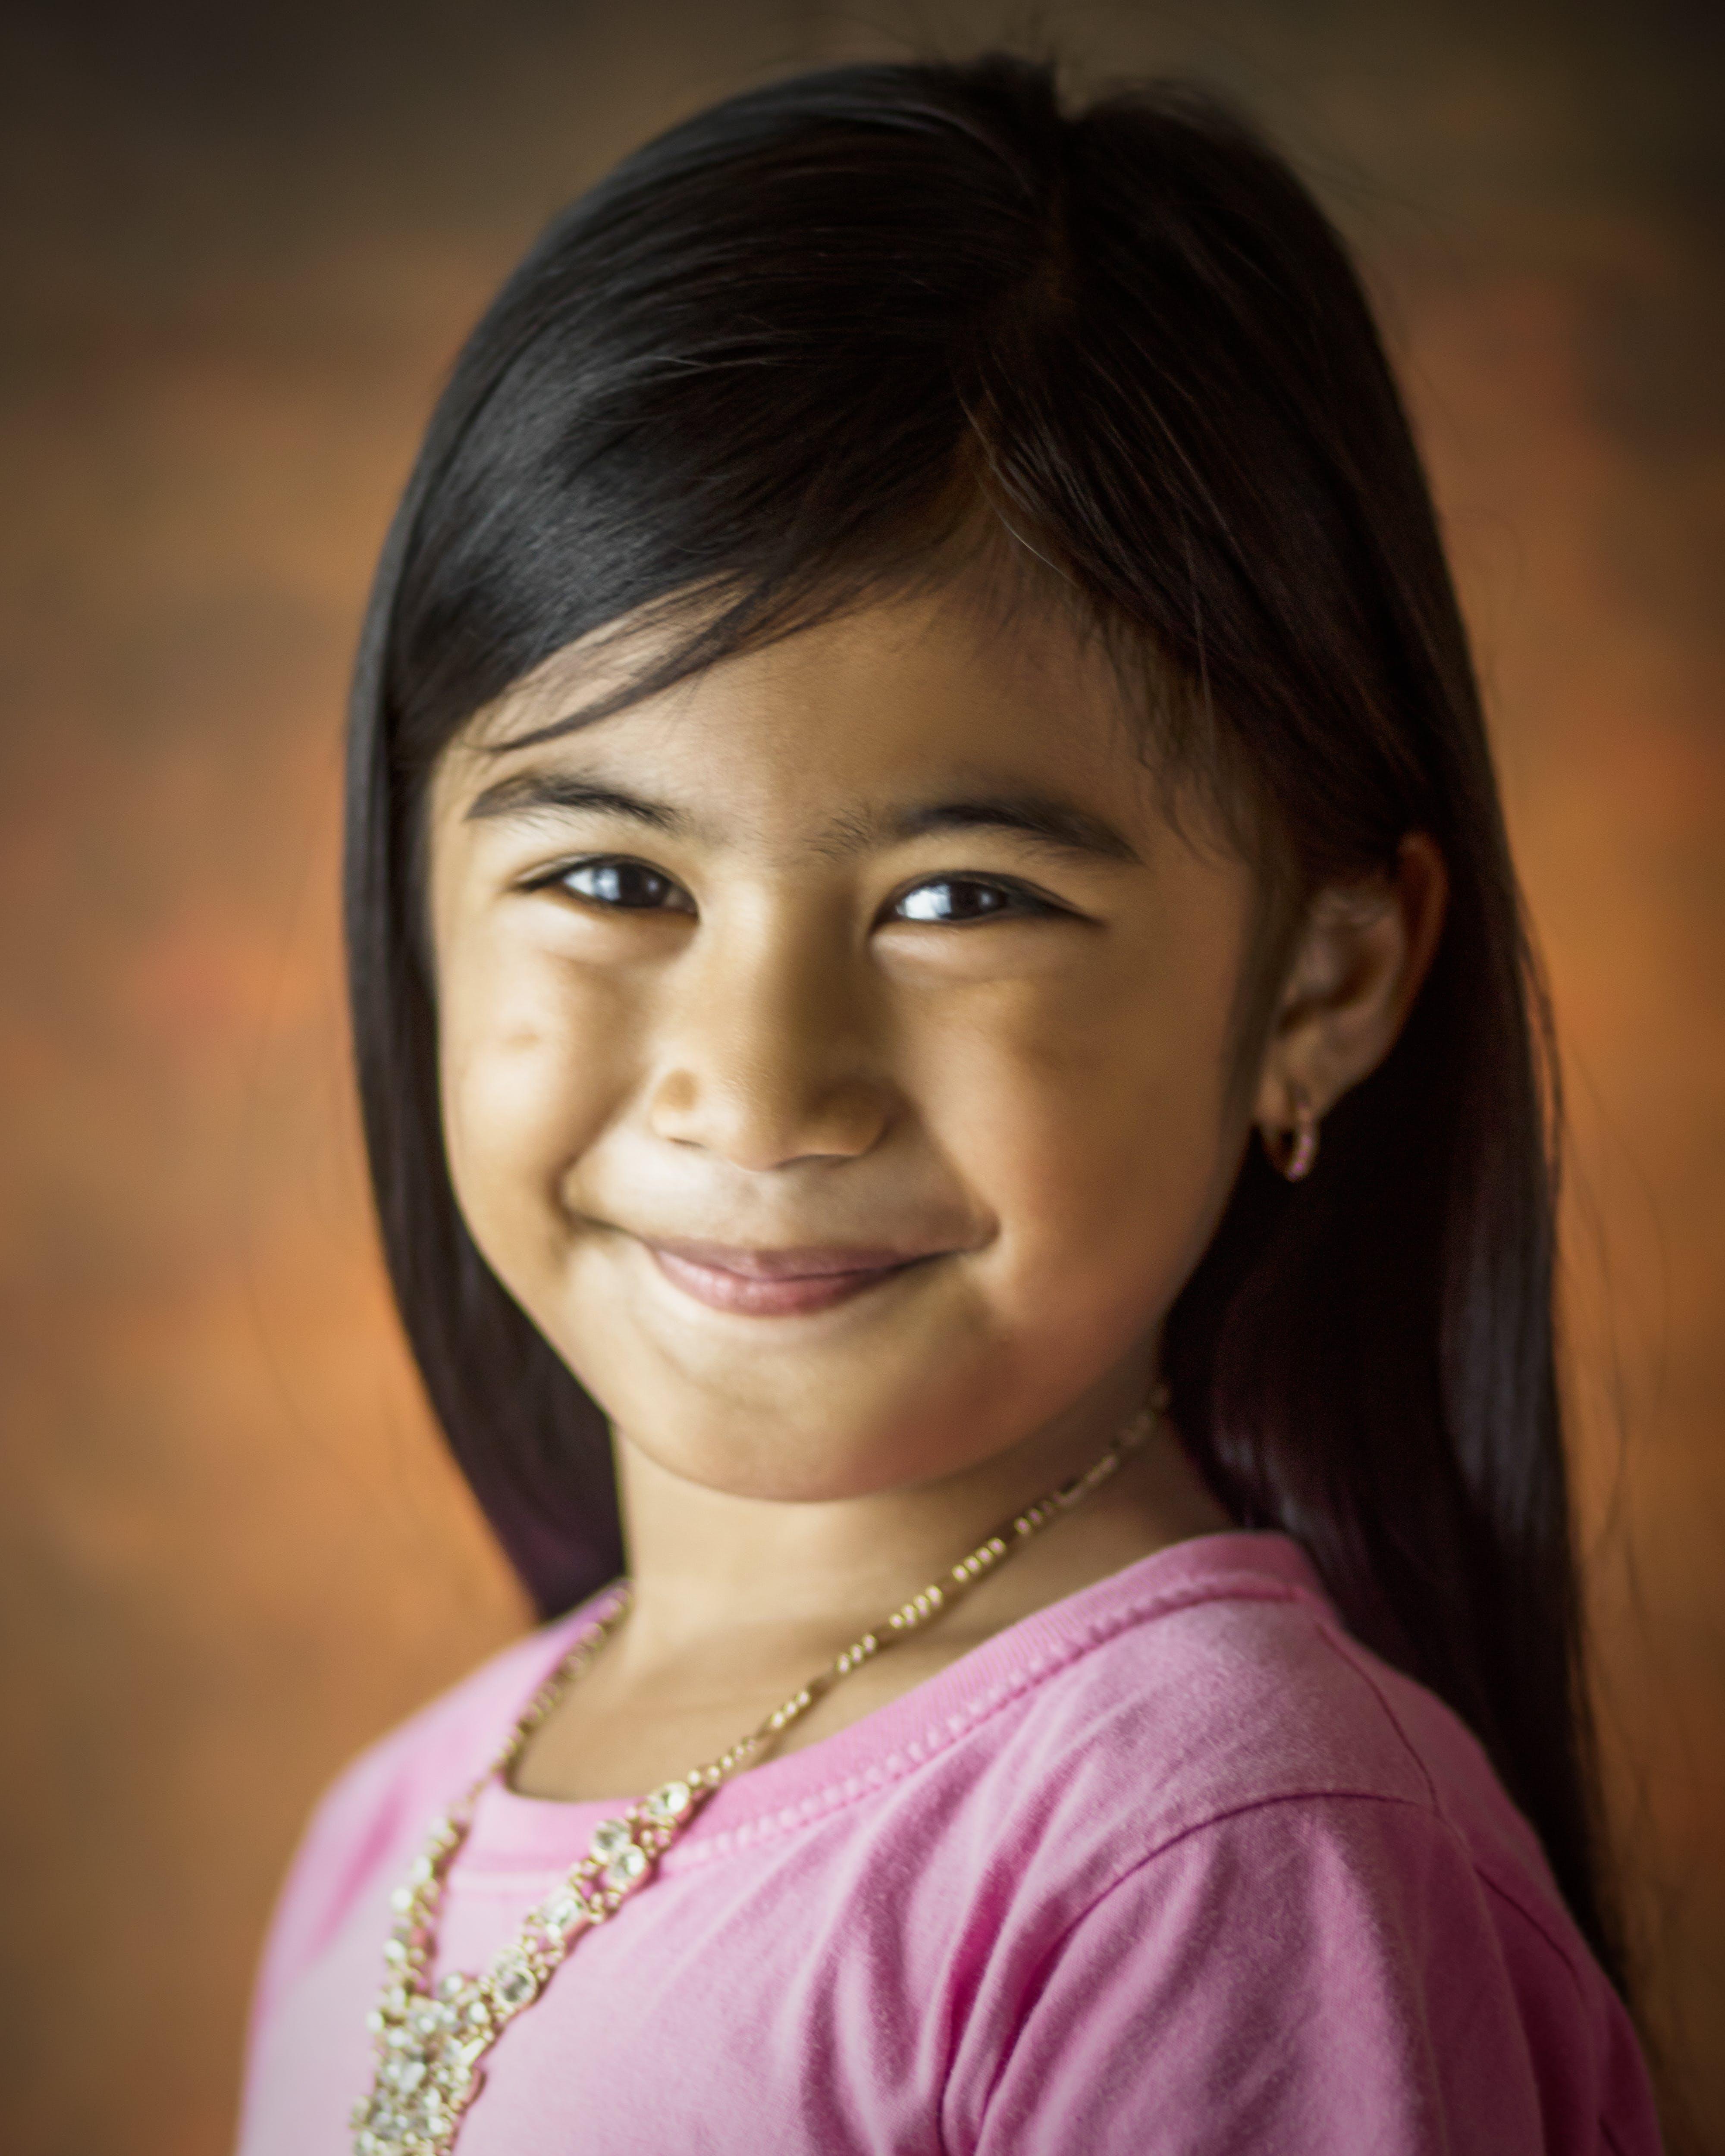 azjatyckie dziecko, biżuteria, dorastający